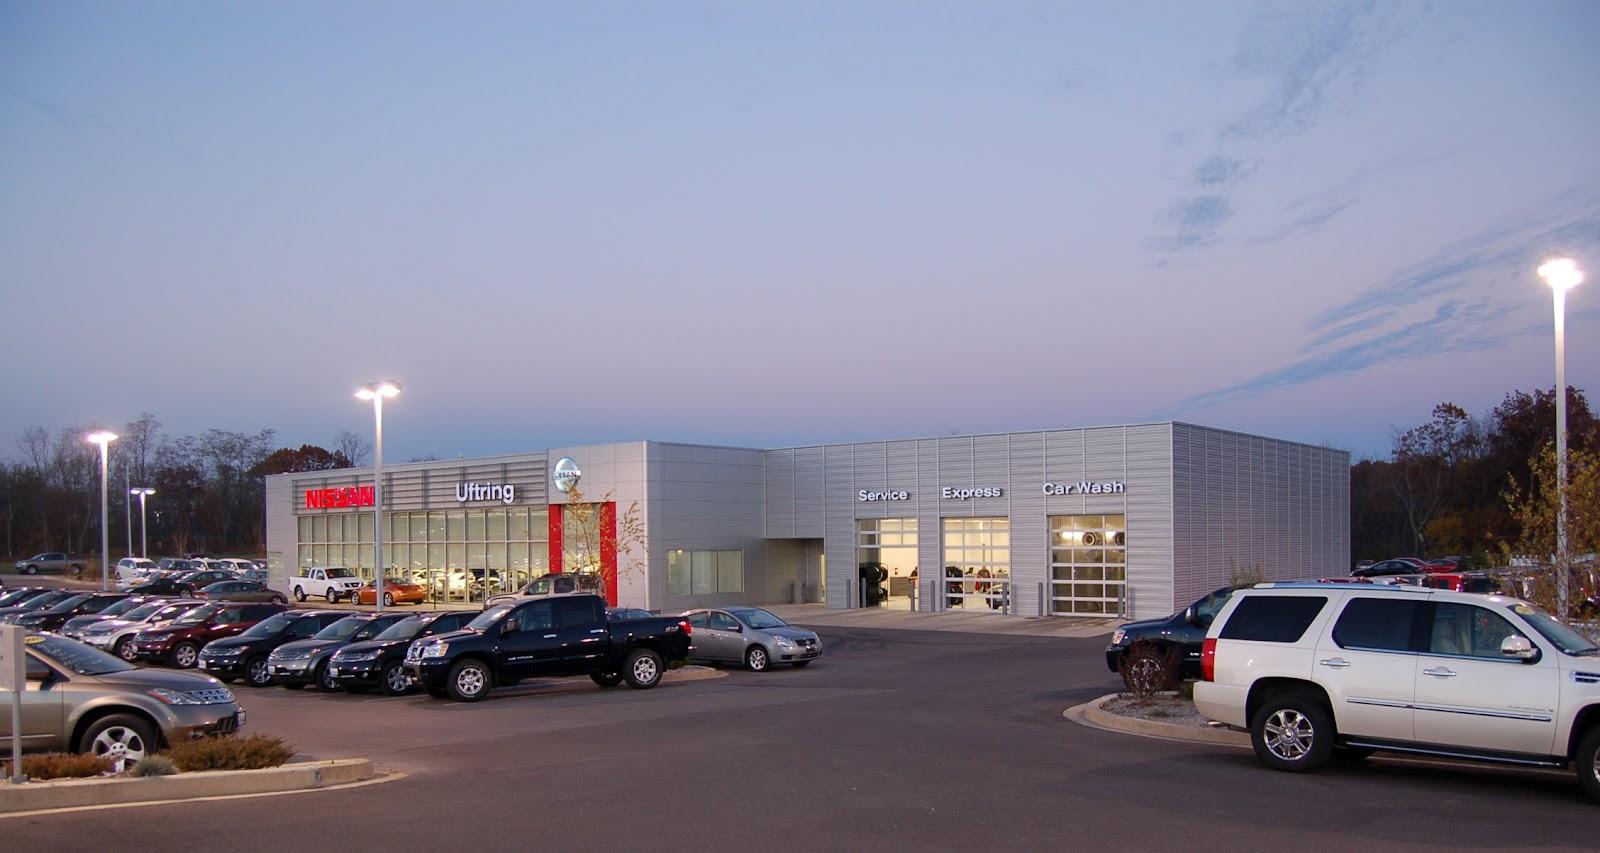 Nissan Peoria Il >> P.J. Hoerr, Inc.: Uftring Nissan - Peoria, IL